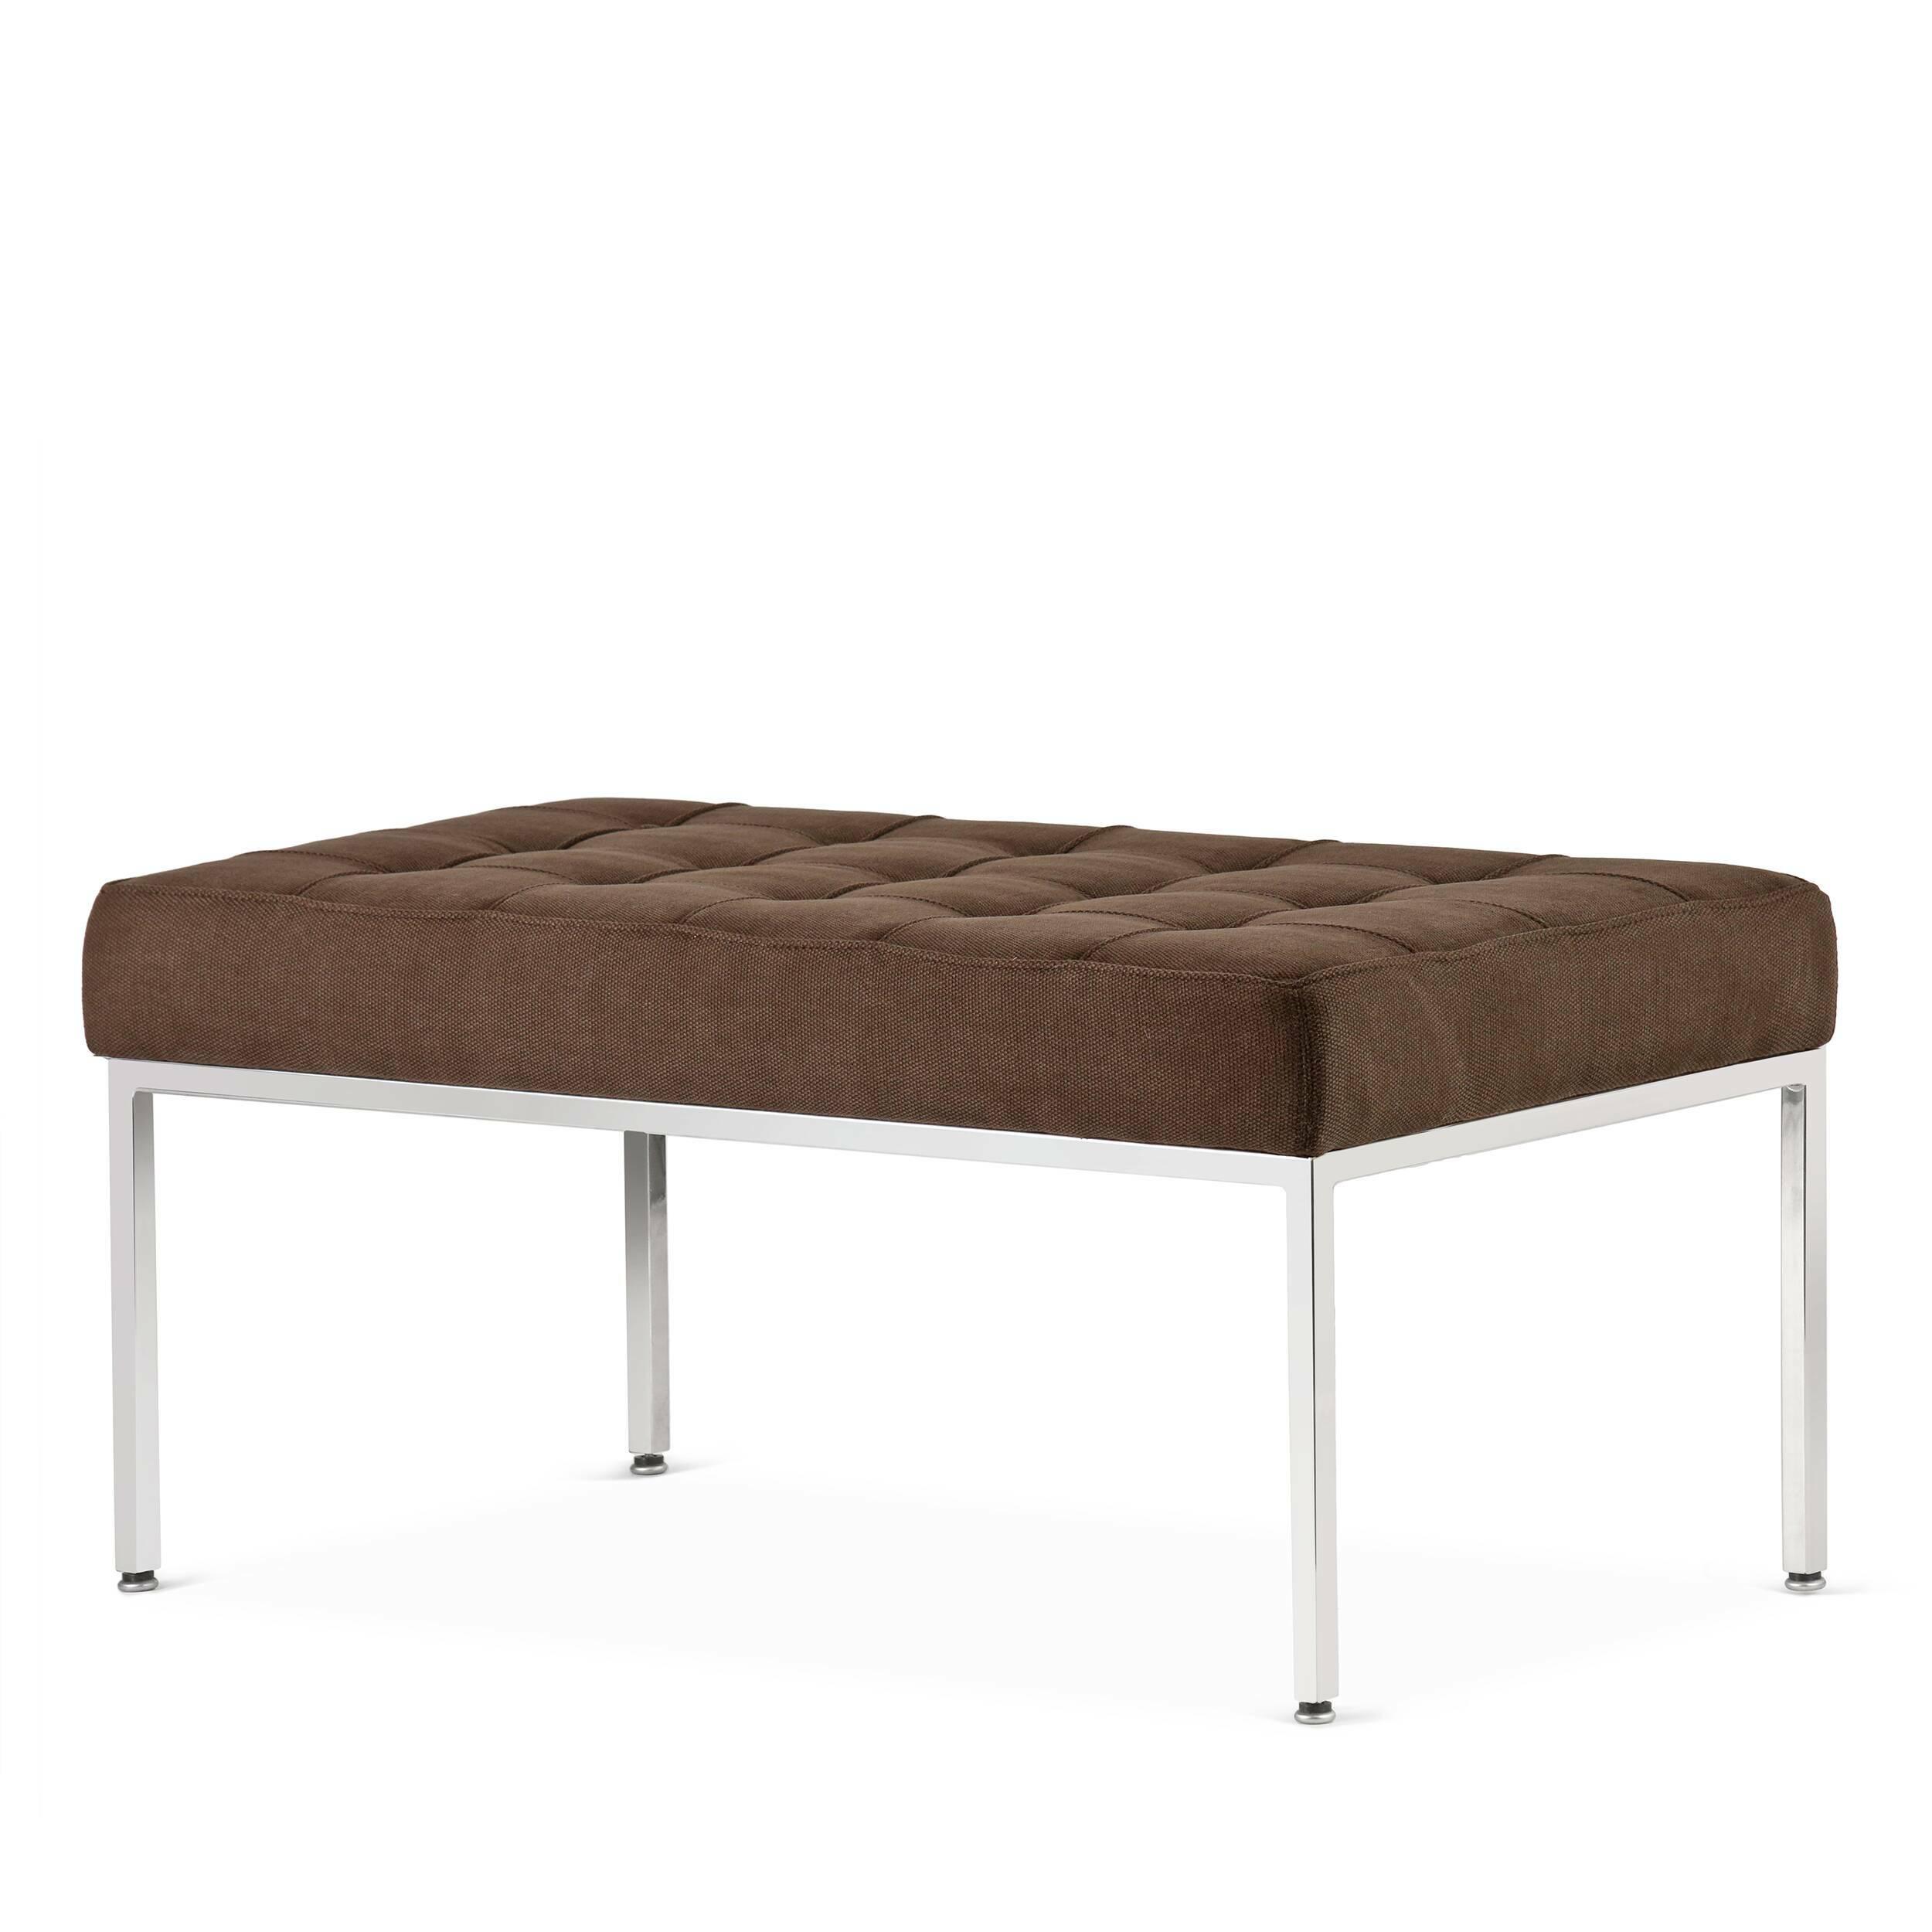 Скамья Florence кожаная ширина 93Скамьи и лавочки<br>Универсальная коллекция Florence включает в себя кресло для отдыха, диван, двухместную и трехместную скамьи.<br><br><br> Как и многие инновационные проекты, ставшие позже золотым стандартом мебельной промышленности, скамья Florence кожаная ширина 93 характеризуется объективным перфекционизмом современного дизайна и архитектуры середины XX столетия.<br><br><br> Скамья Florence кожаная ширина 93 состоит из отличных, индивидуально сшитых квадратов обивки, приложенной к хромированной стальной конструкци...<br><br>stock: 0<br>Высота: 43<br>Ширина: 93<br>Глубина: 50,5<br>Цвет ножек: Хром<br>Материал сидения: Хлопок<br>Цвет сидения: Темно-коричневый<br>Тип материала сидения: Ткань<br>Тип материала ножек: Сталь нержавеющая